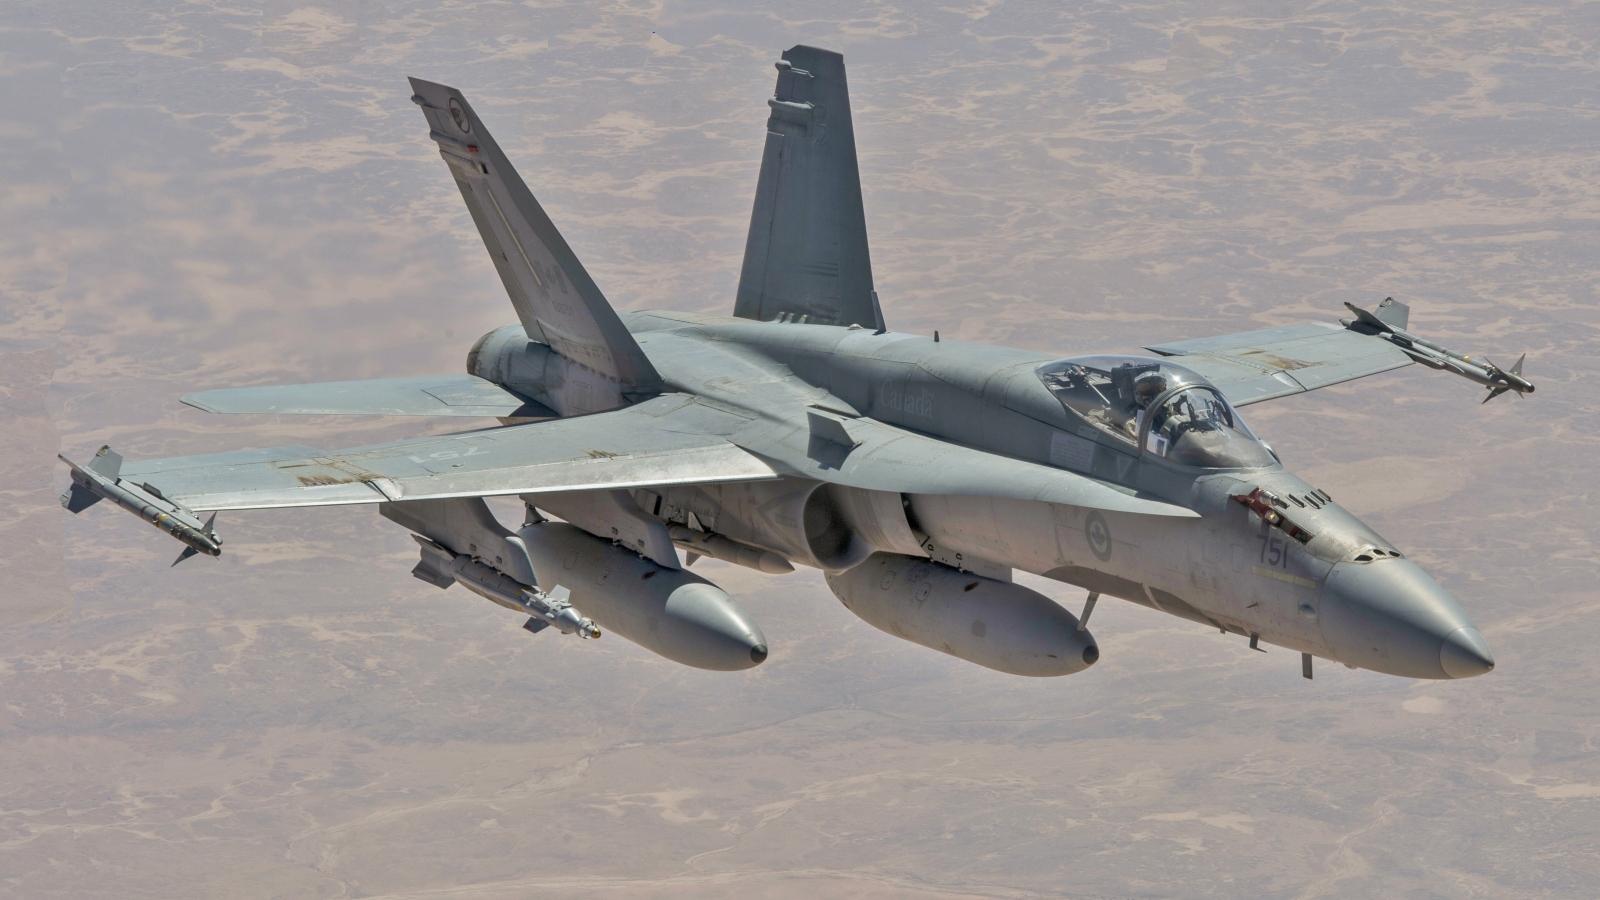 Chiến cơ CF-18 của Mỹ hạ cánh hoàn toàn trên đường băng trong 300 mét